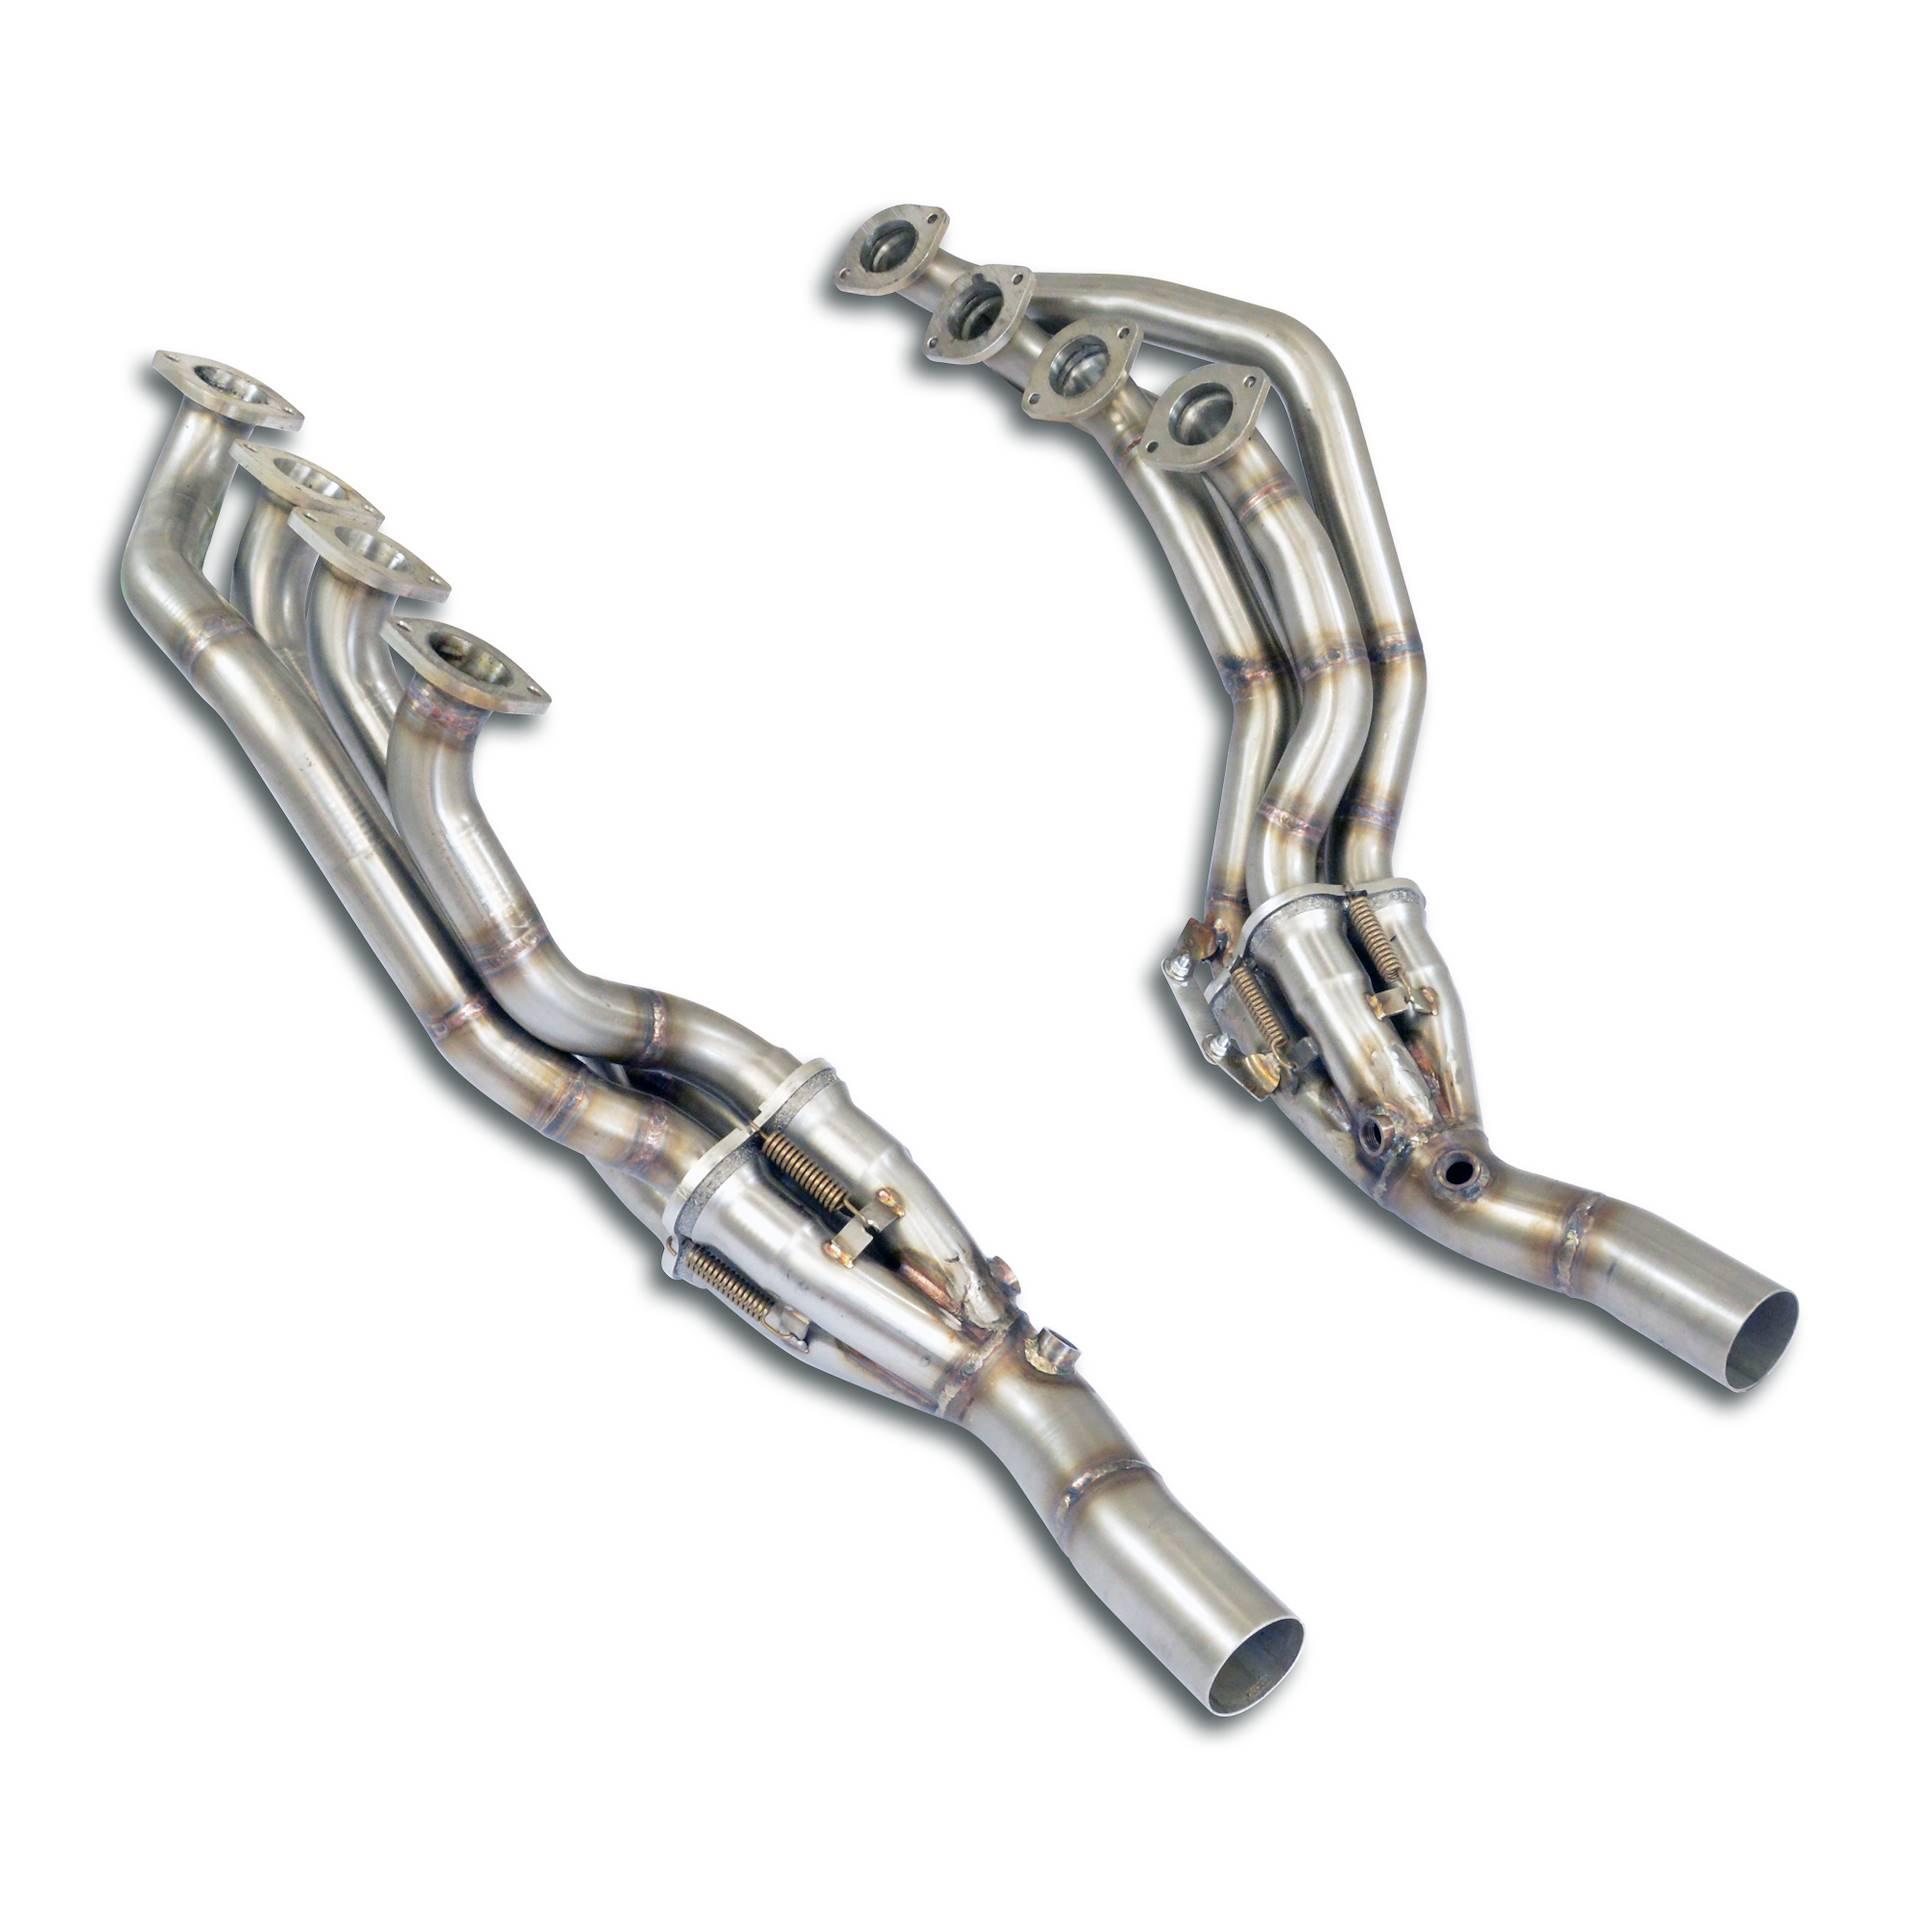 Supersprint manifolder til Mercedes C 55 AMG W203 V8